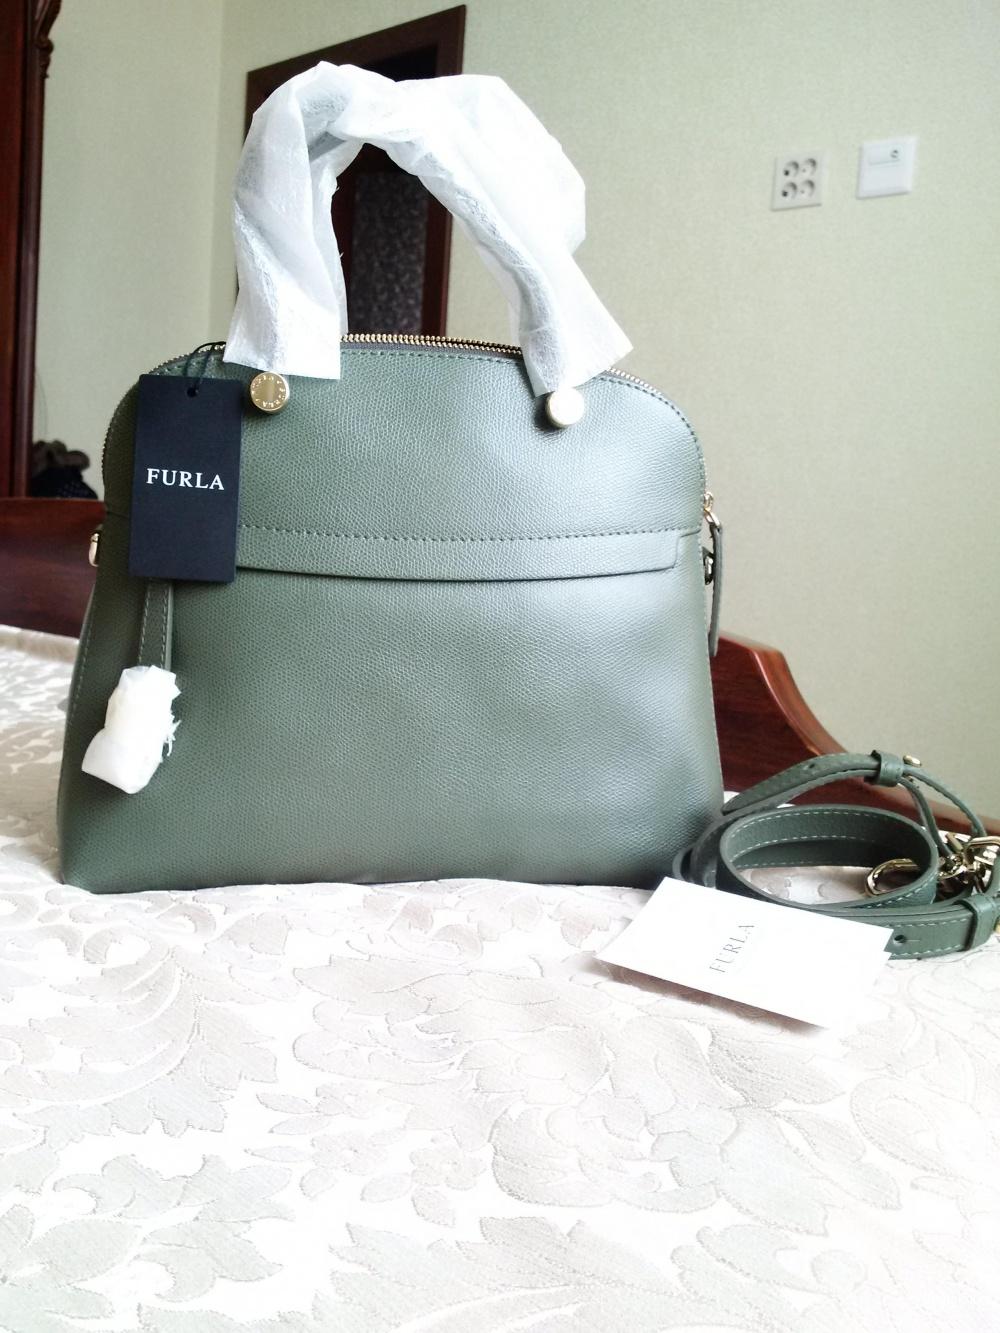 Furla Piper новая сумка натуральная кож цвет хаки